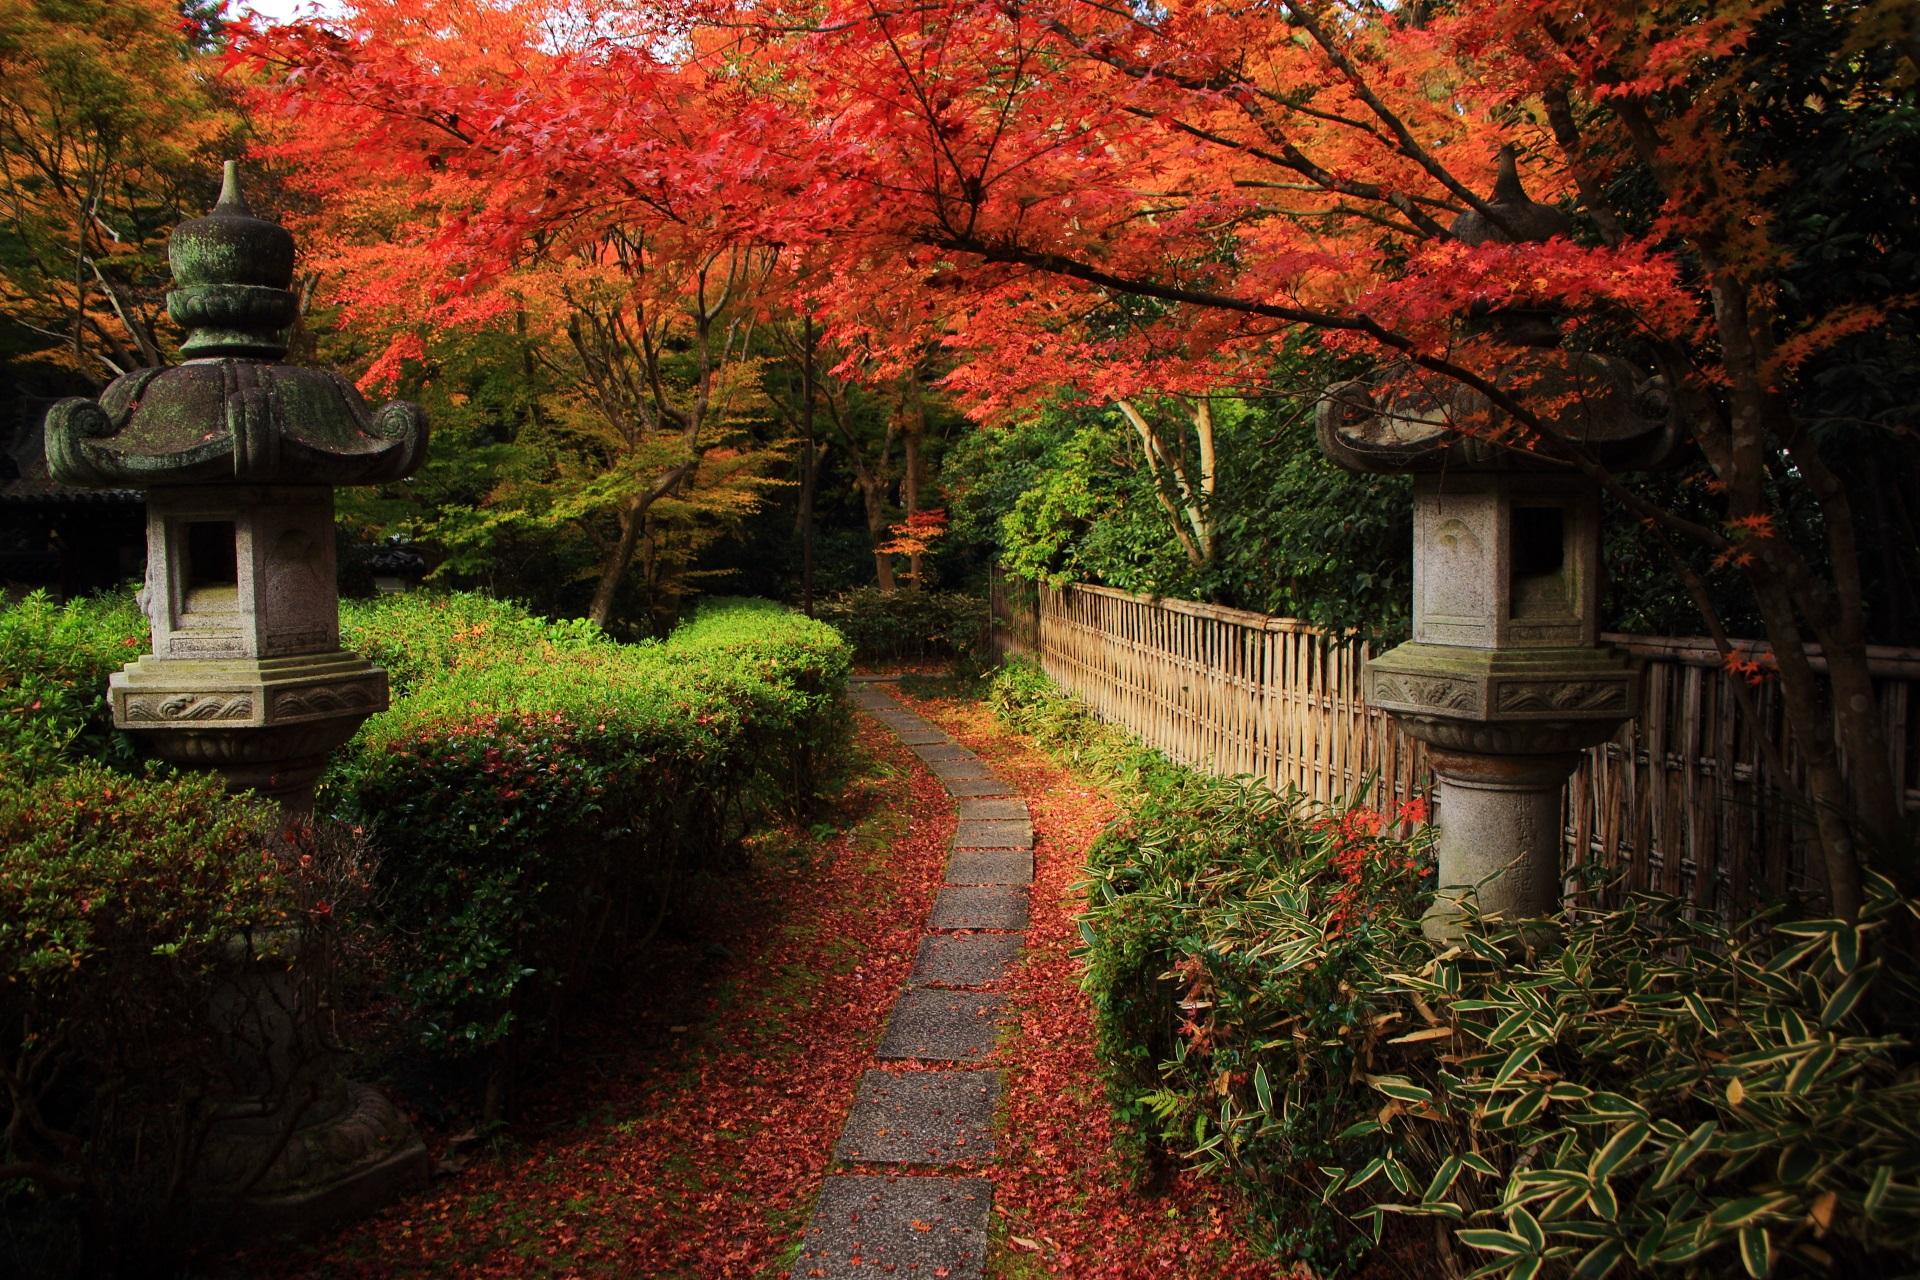 来迎院の鮮やかな紅葉と散りもみじが彩る風情ある参道や竹垣